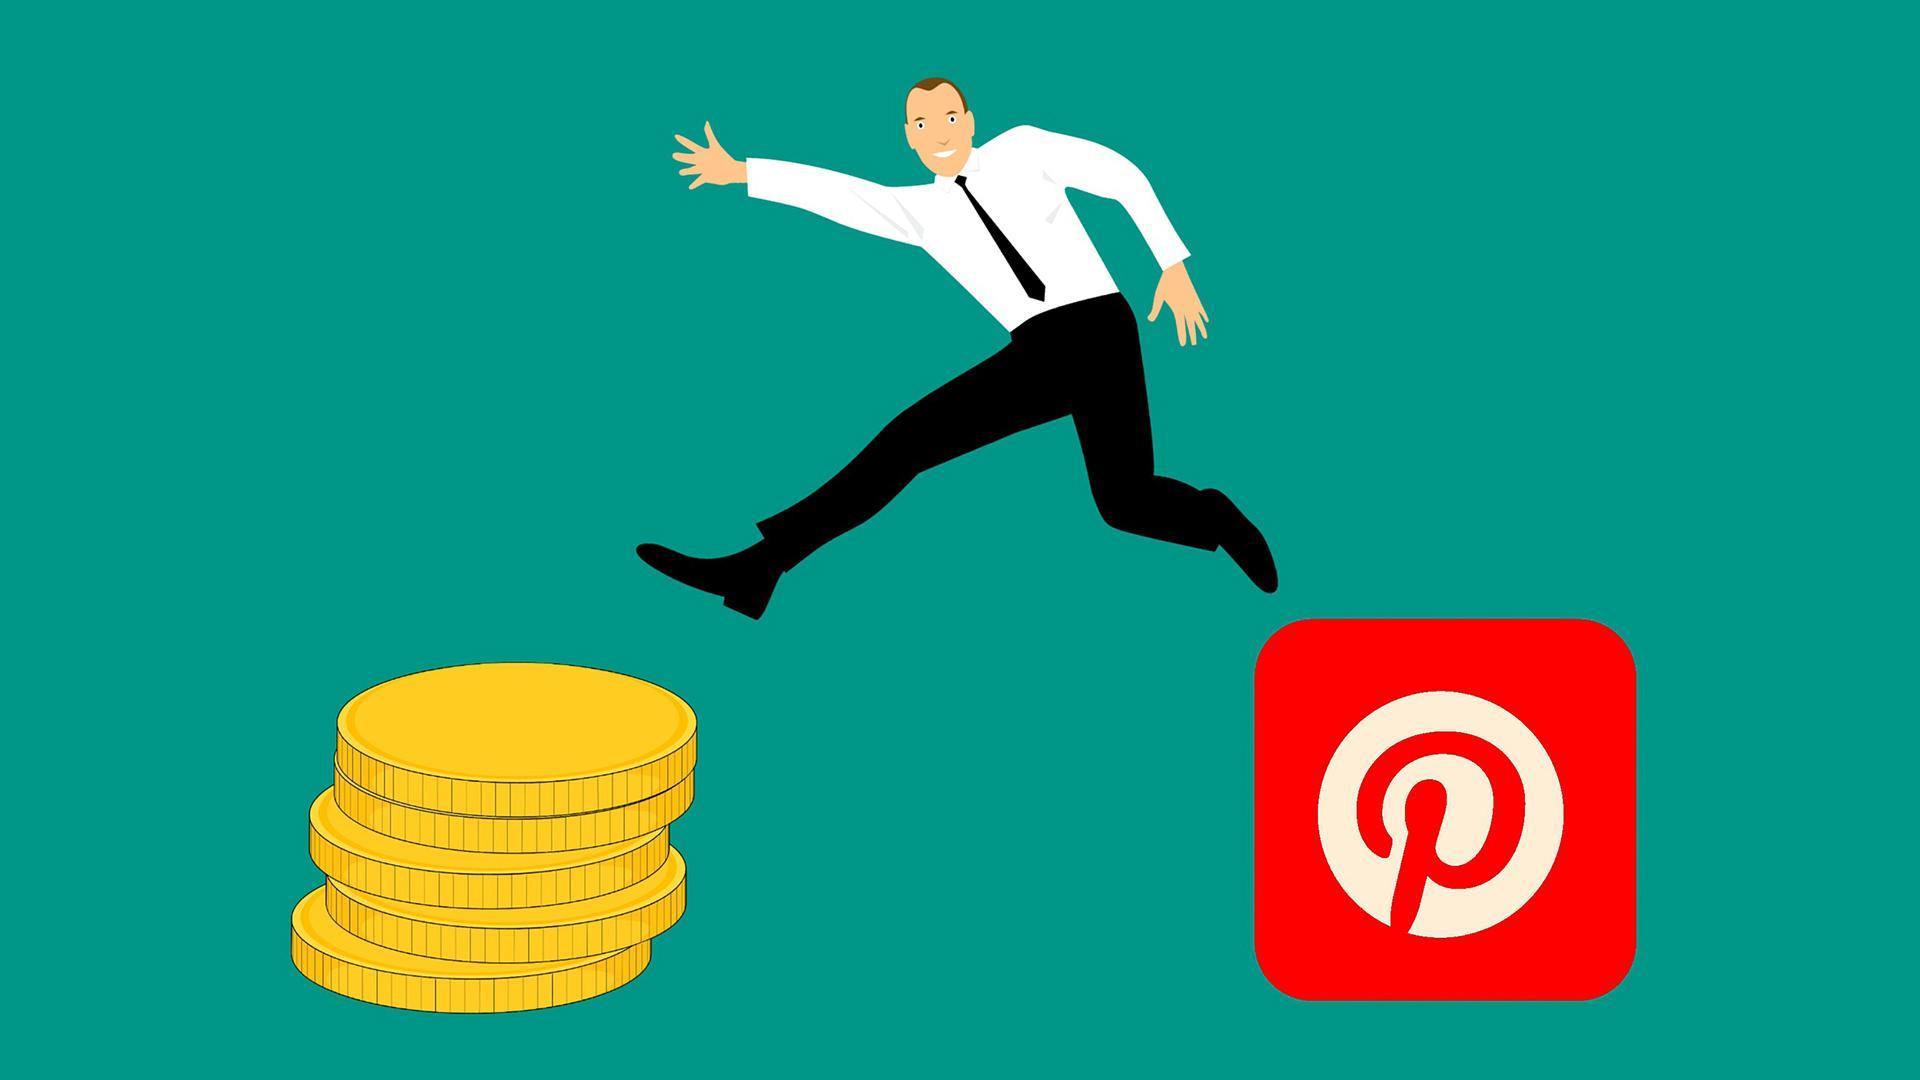 Wenn Sie auf Pinterest Werbung schalten, können Sie die Plattform effektiv für Ihr Unternehmen nutzen.